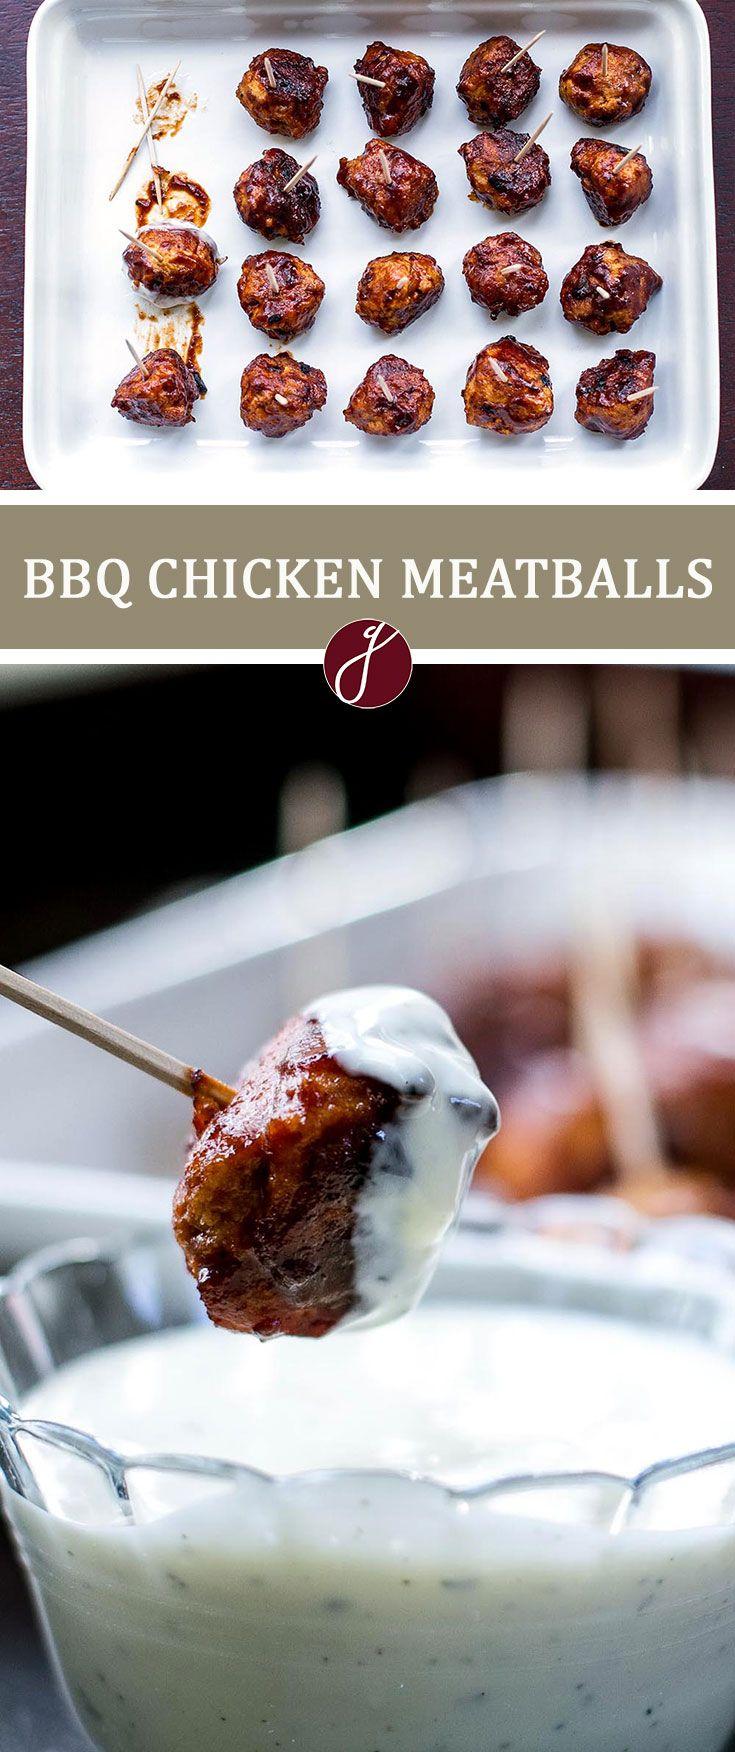 Honey BBQ Chicken Meatballs via @april7116